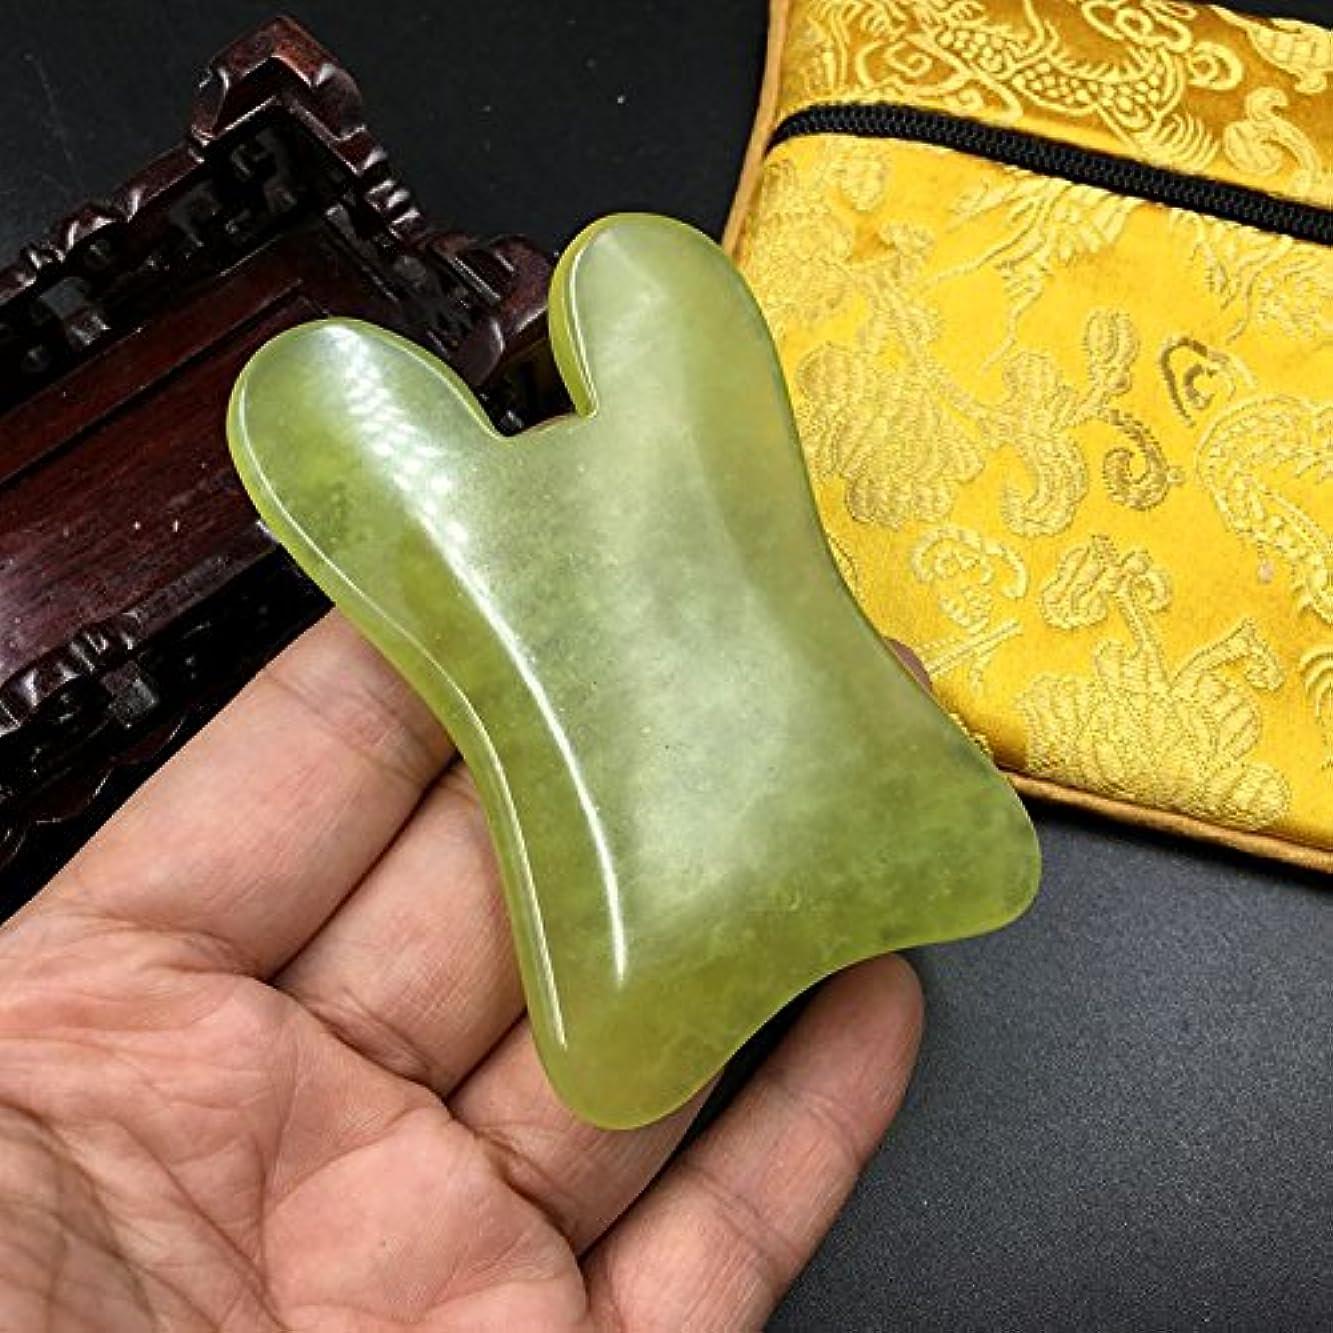 クスコクスコ汚れた1点1pcFace / Body Massage Natural Jade Gua Sha Board U 形 shape かっさプレート 天然石 翡翠(顔?ボディのリンパマッサージ)